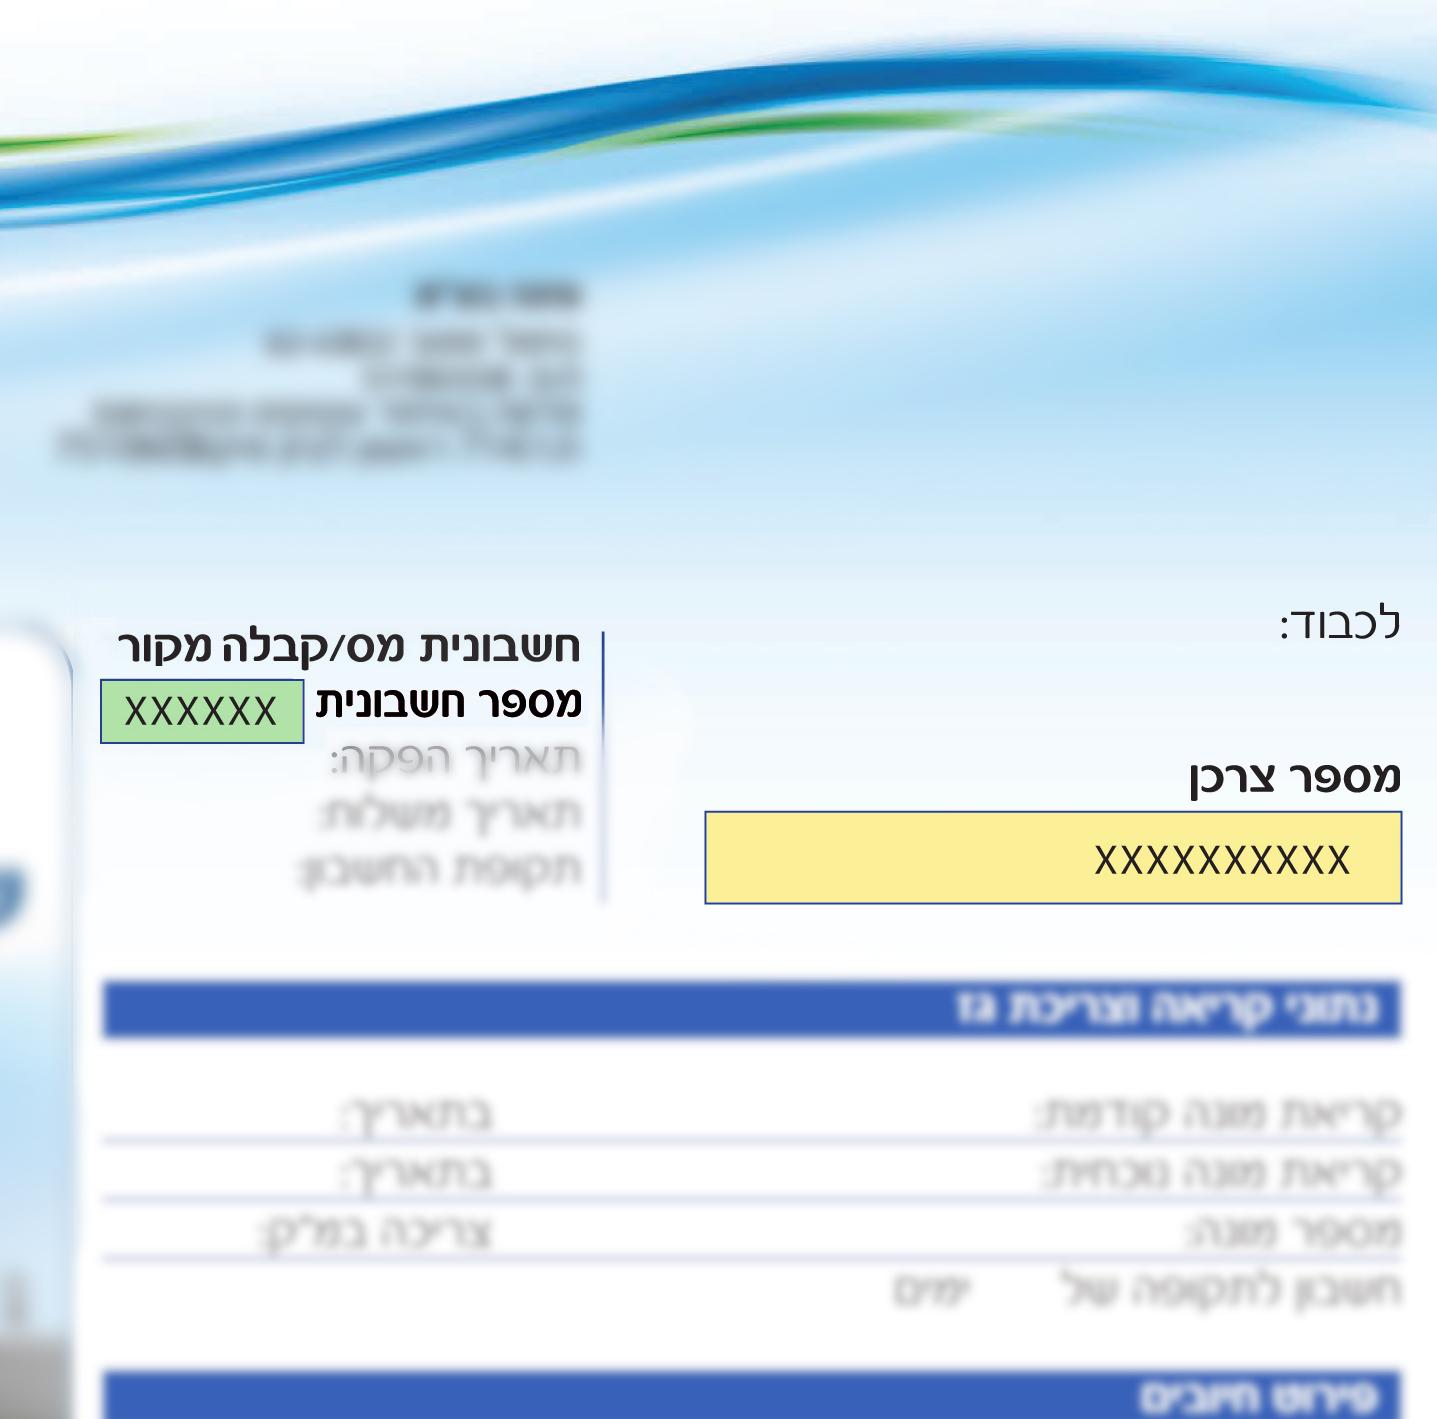 דוגמא לחשבונית סרוקה לתשלום